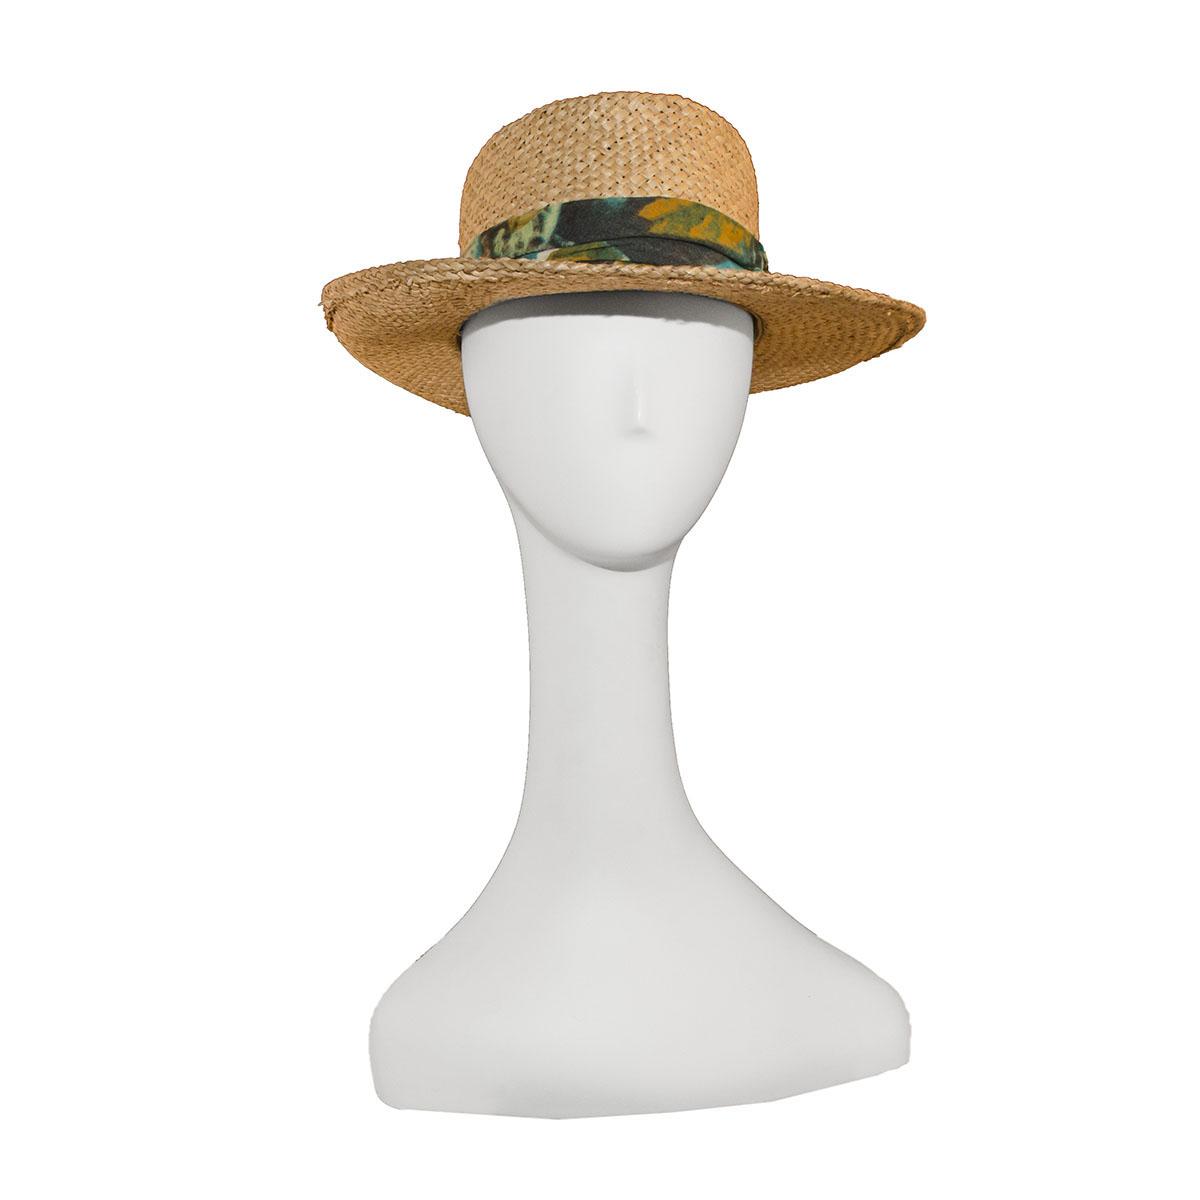 Unisex wide brim straw hat